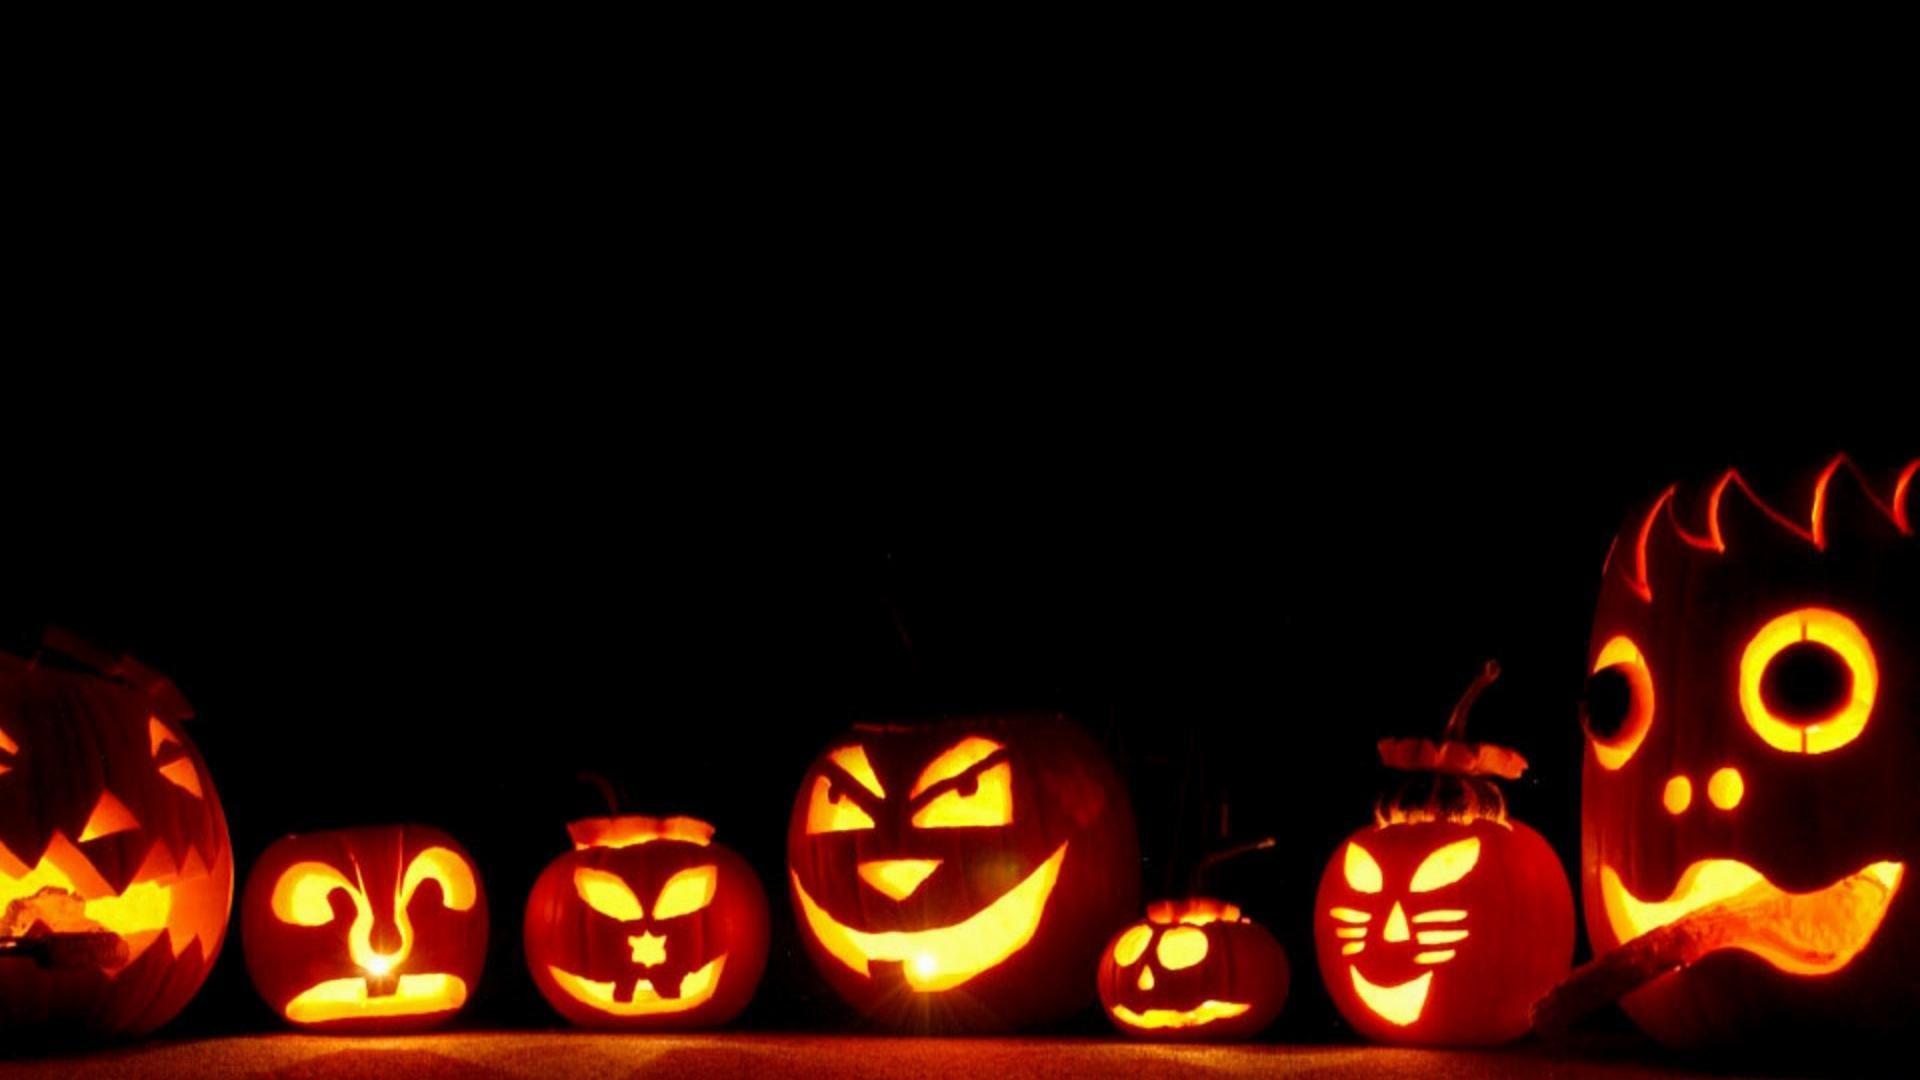 wallpaper.wiki-Spirit-Halloween-HD-Wallpapers-Backgrounds-1920×1080-